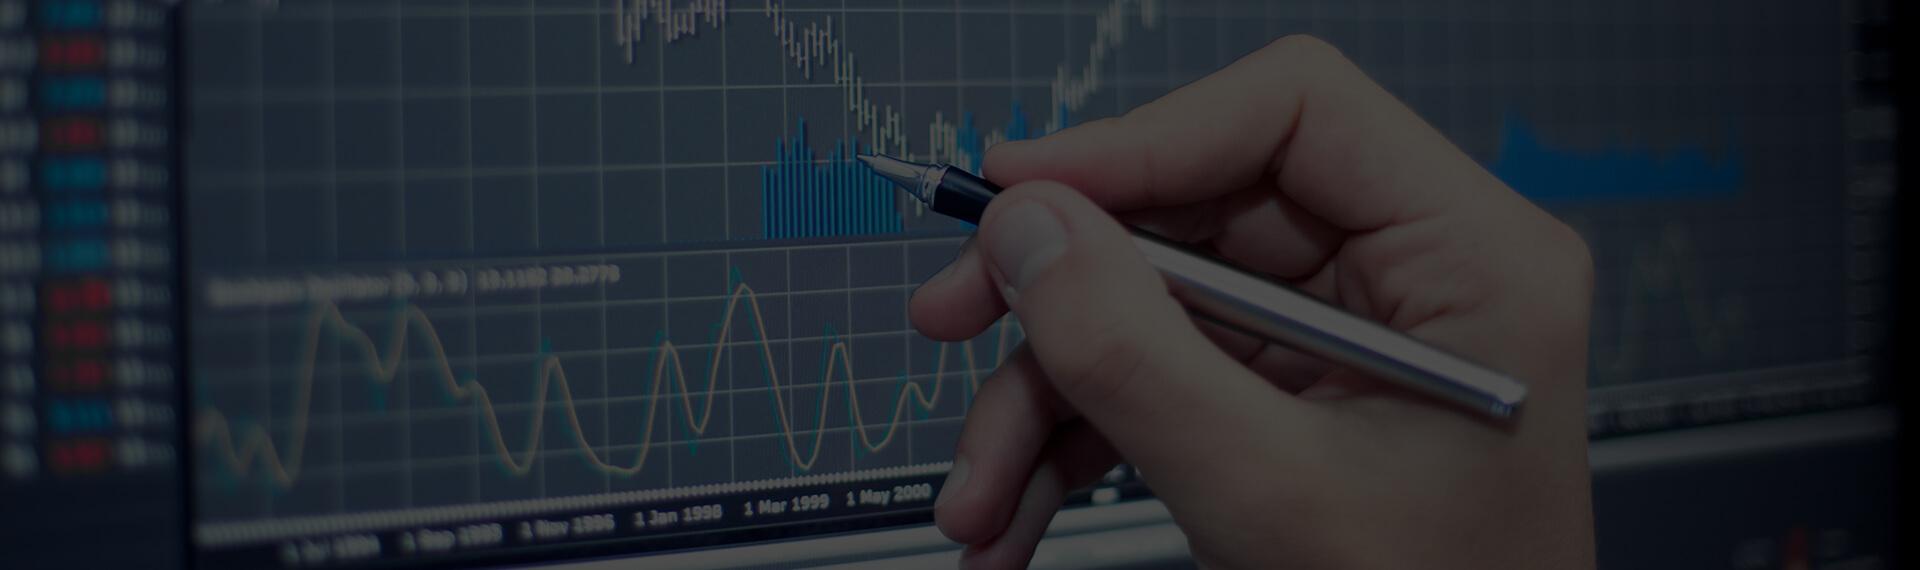 Call Tracking & Analytics